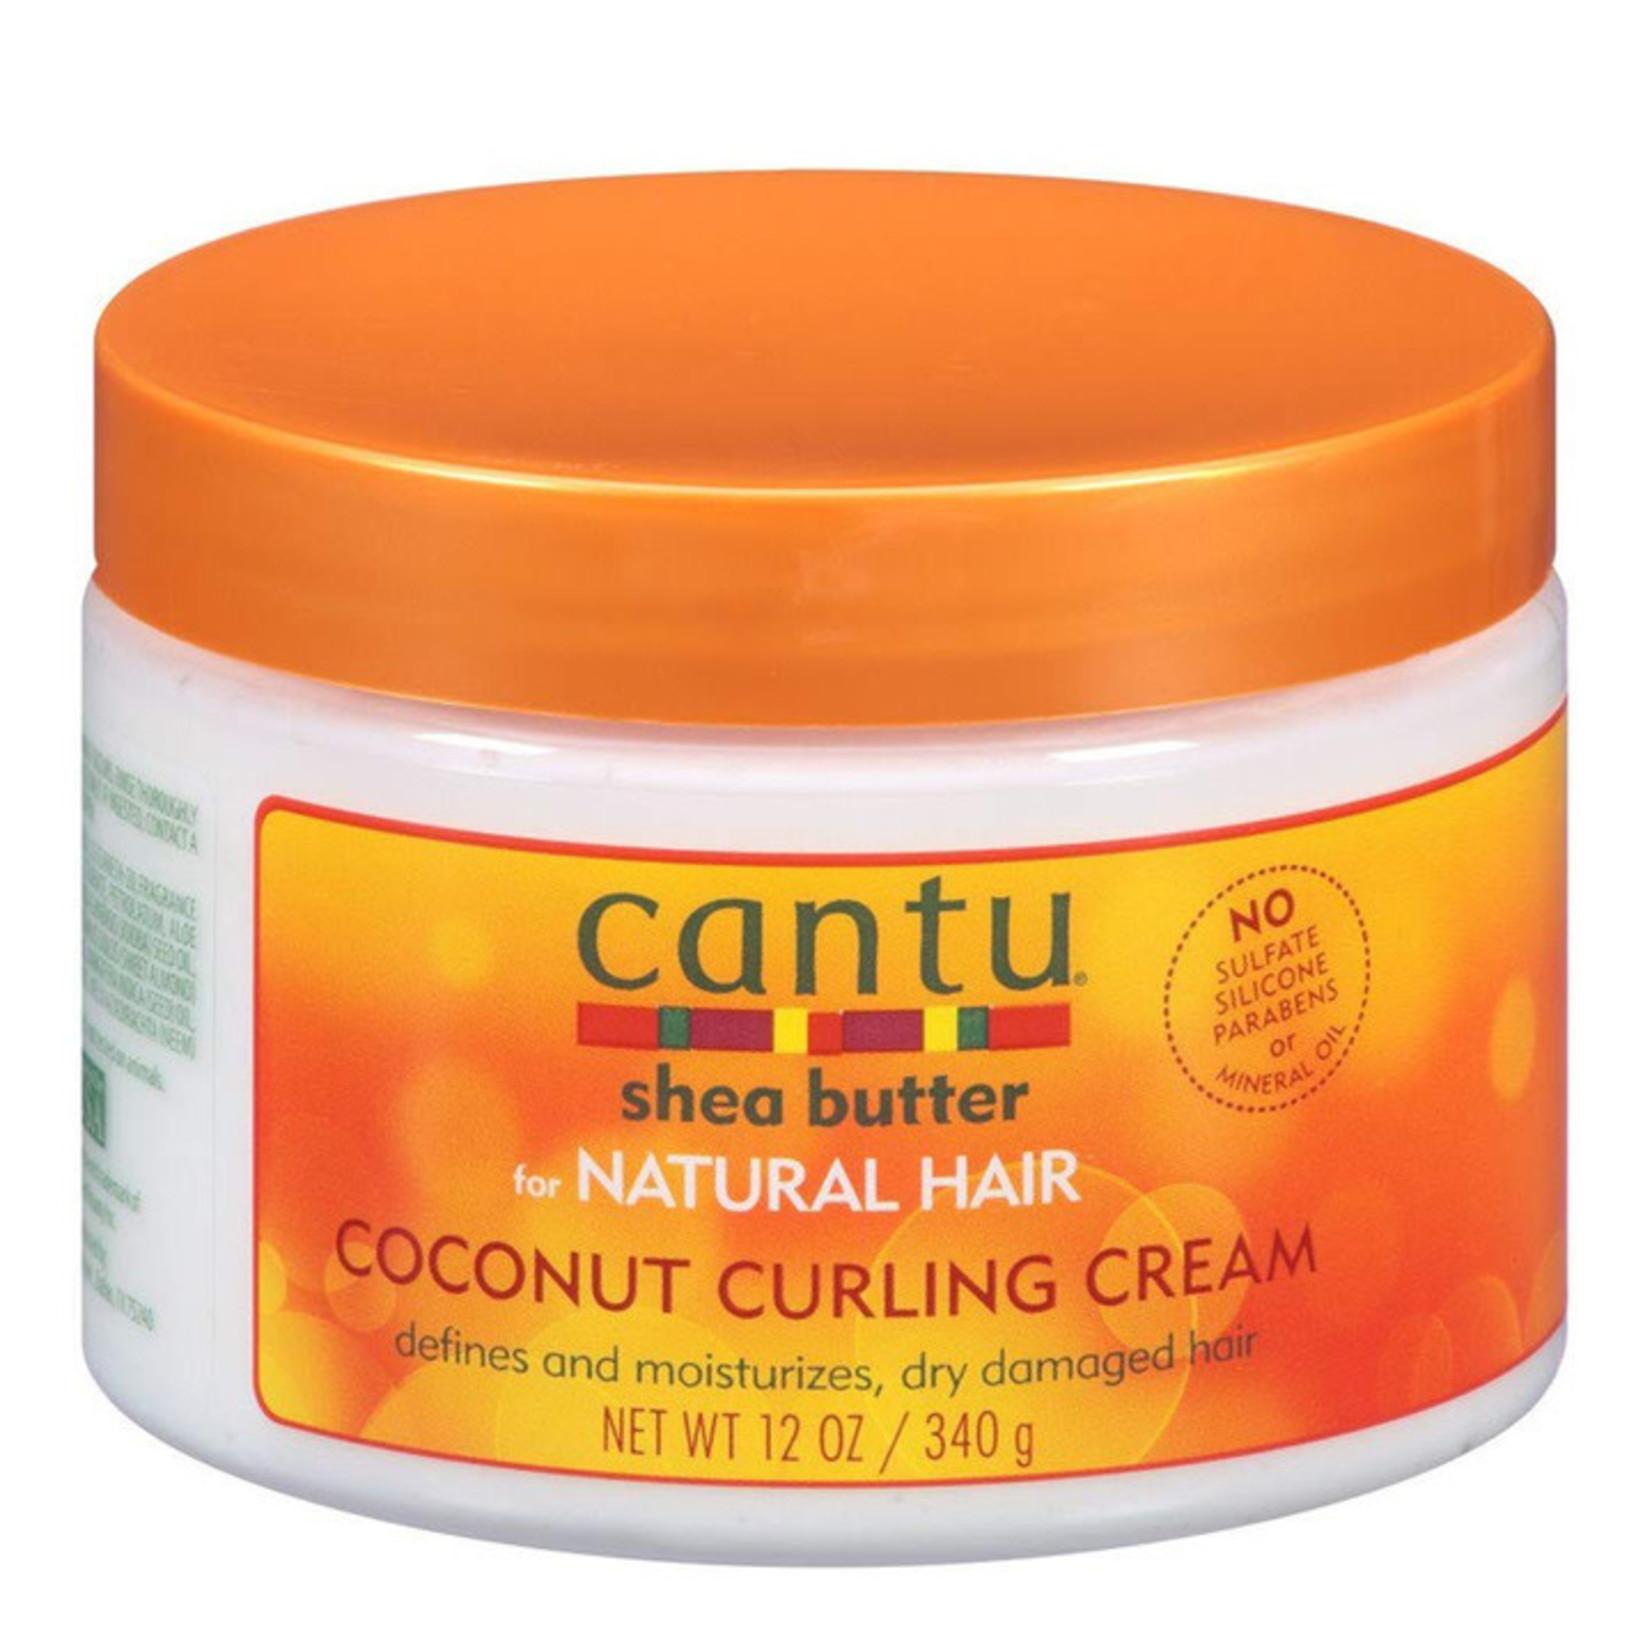 CANTU CANTU NATURAL HAIR COCONUT CURLING CREAM [12OZ]